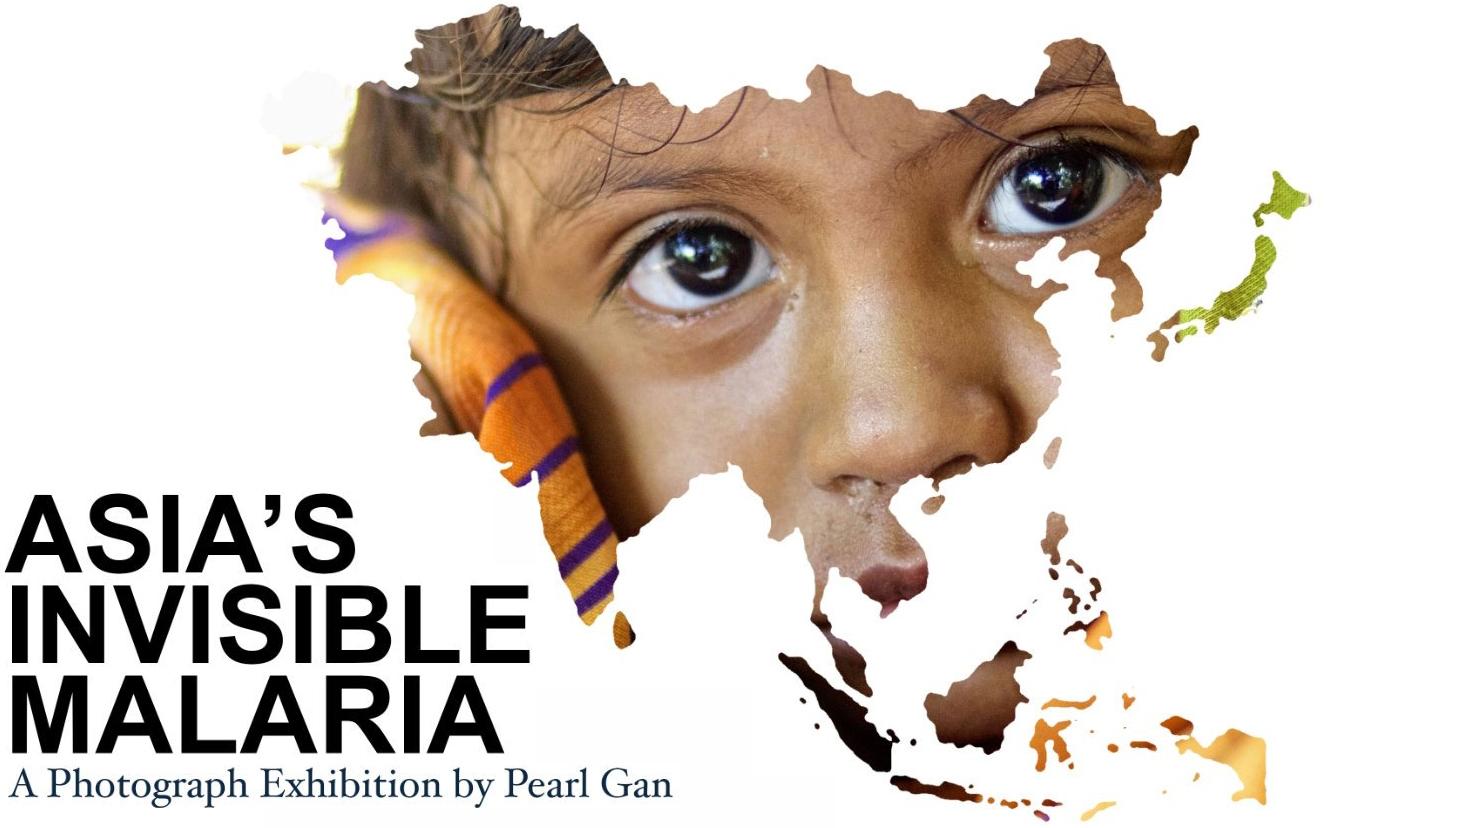 Asia Invisible Malaria